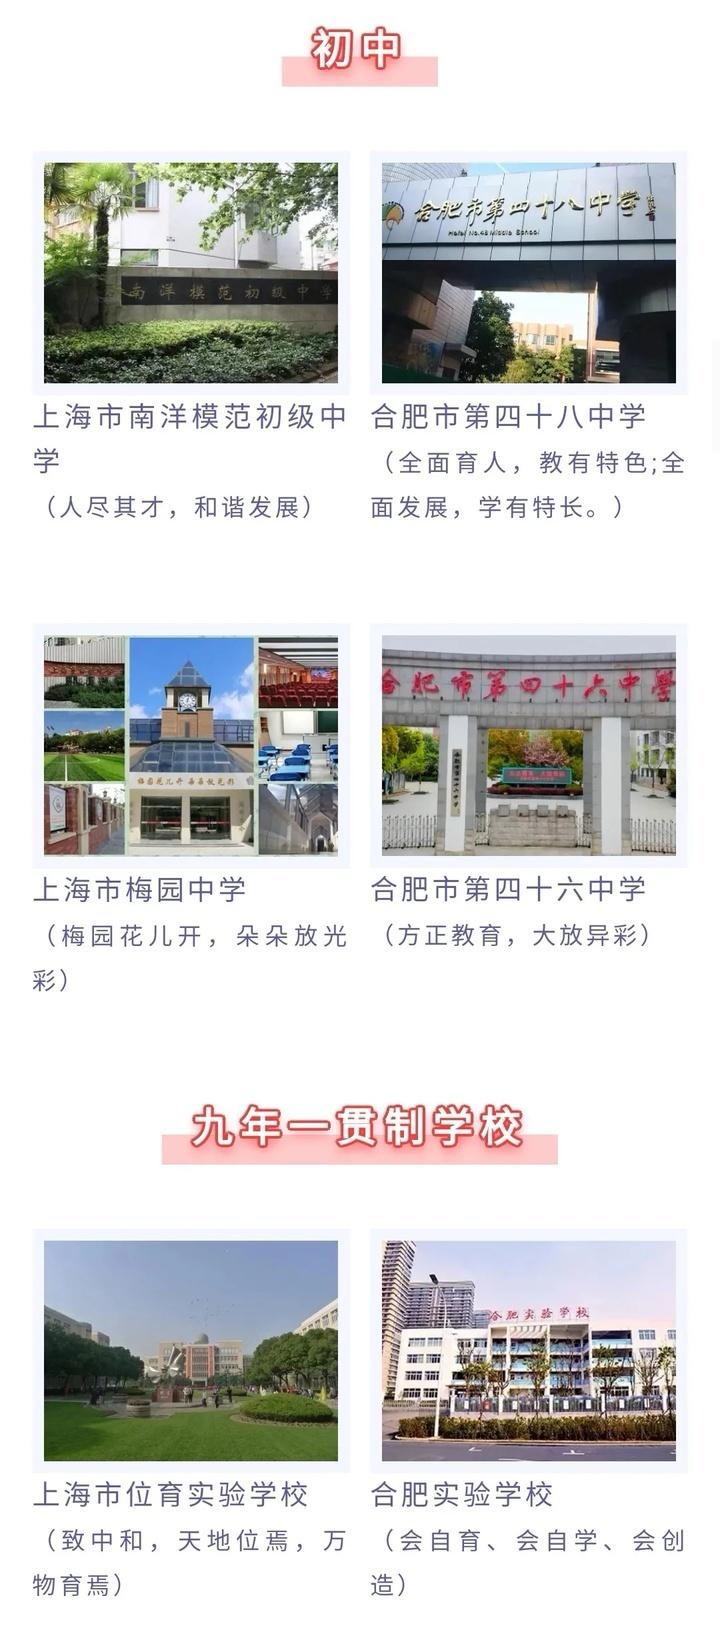 官宣!上海8所名校牵手合肥!